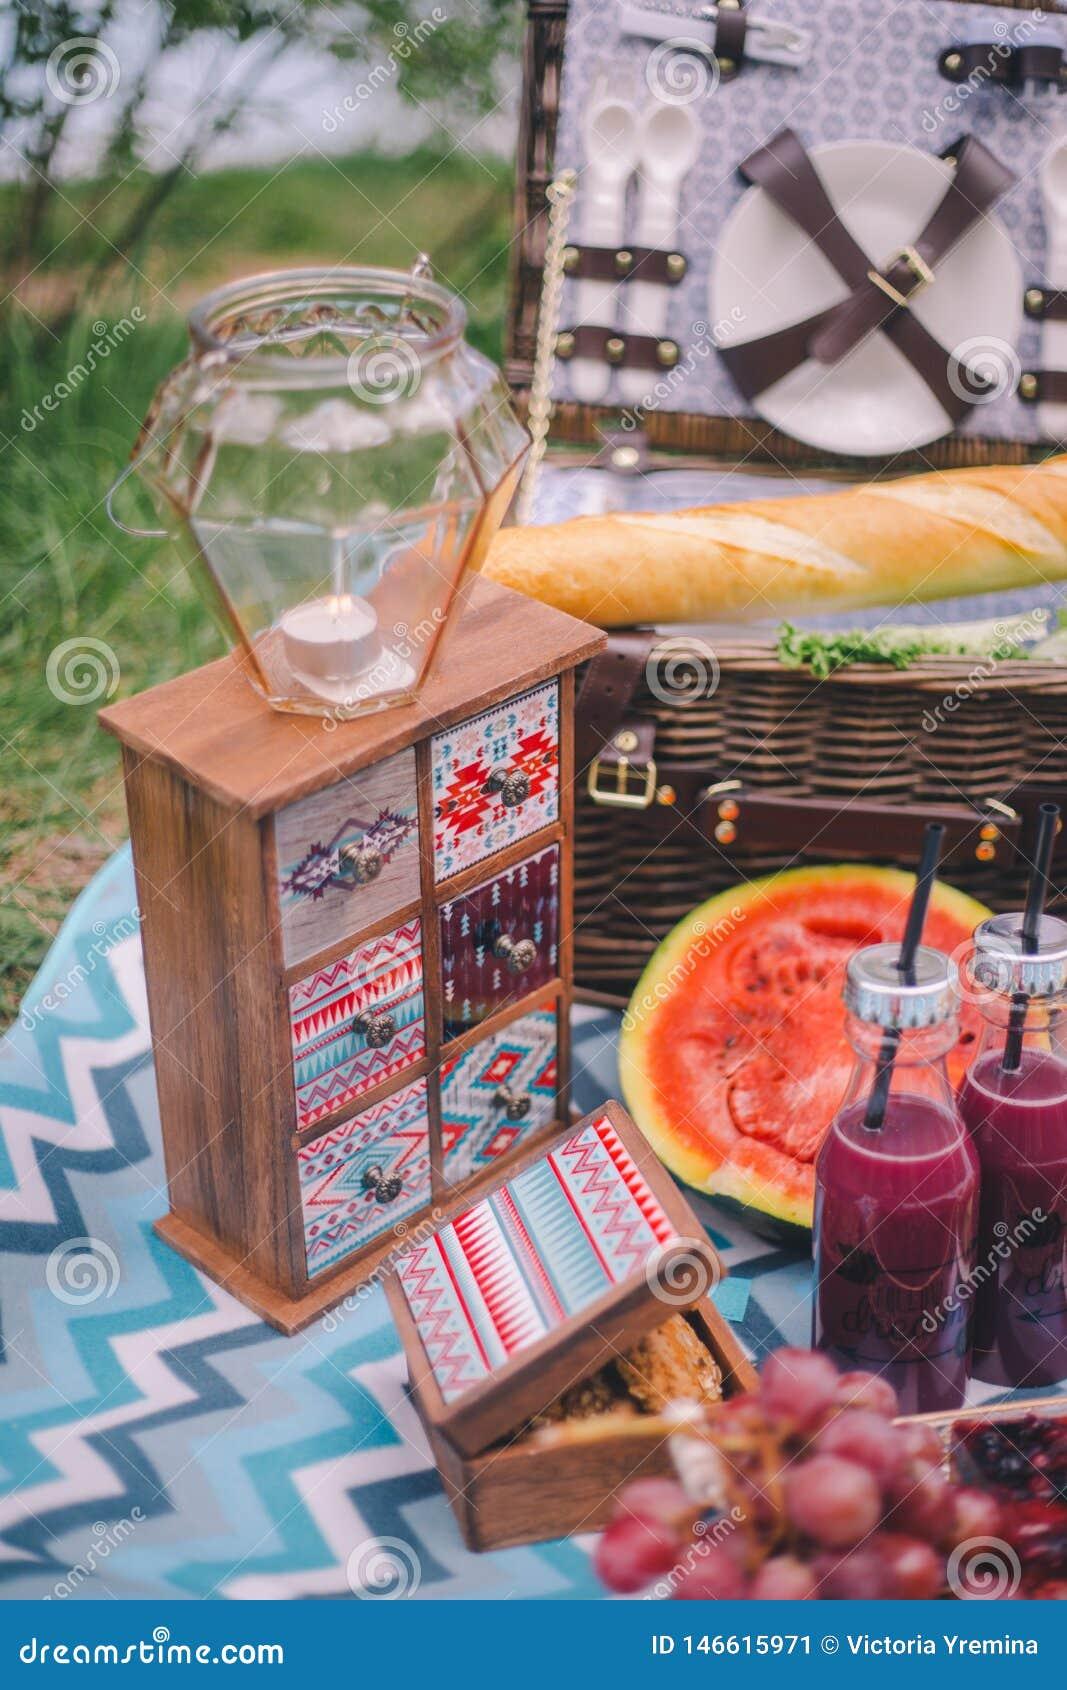 N?rbildpicknick i natur En stearinljus i en ljusstake står på en liten skänk, bredvid den ligger mat - vattenmelon, druvakex,